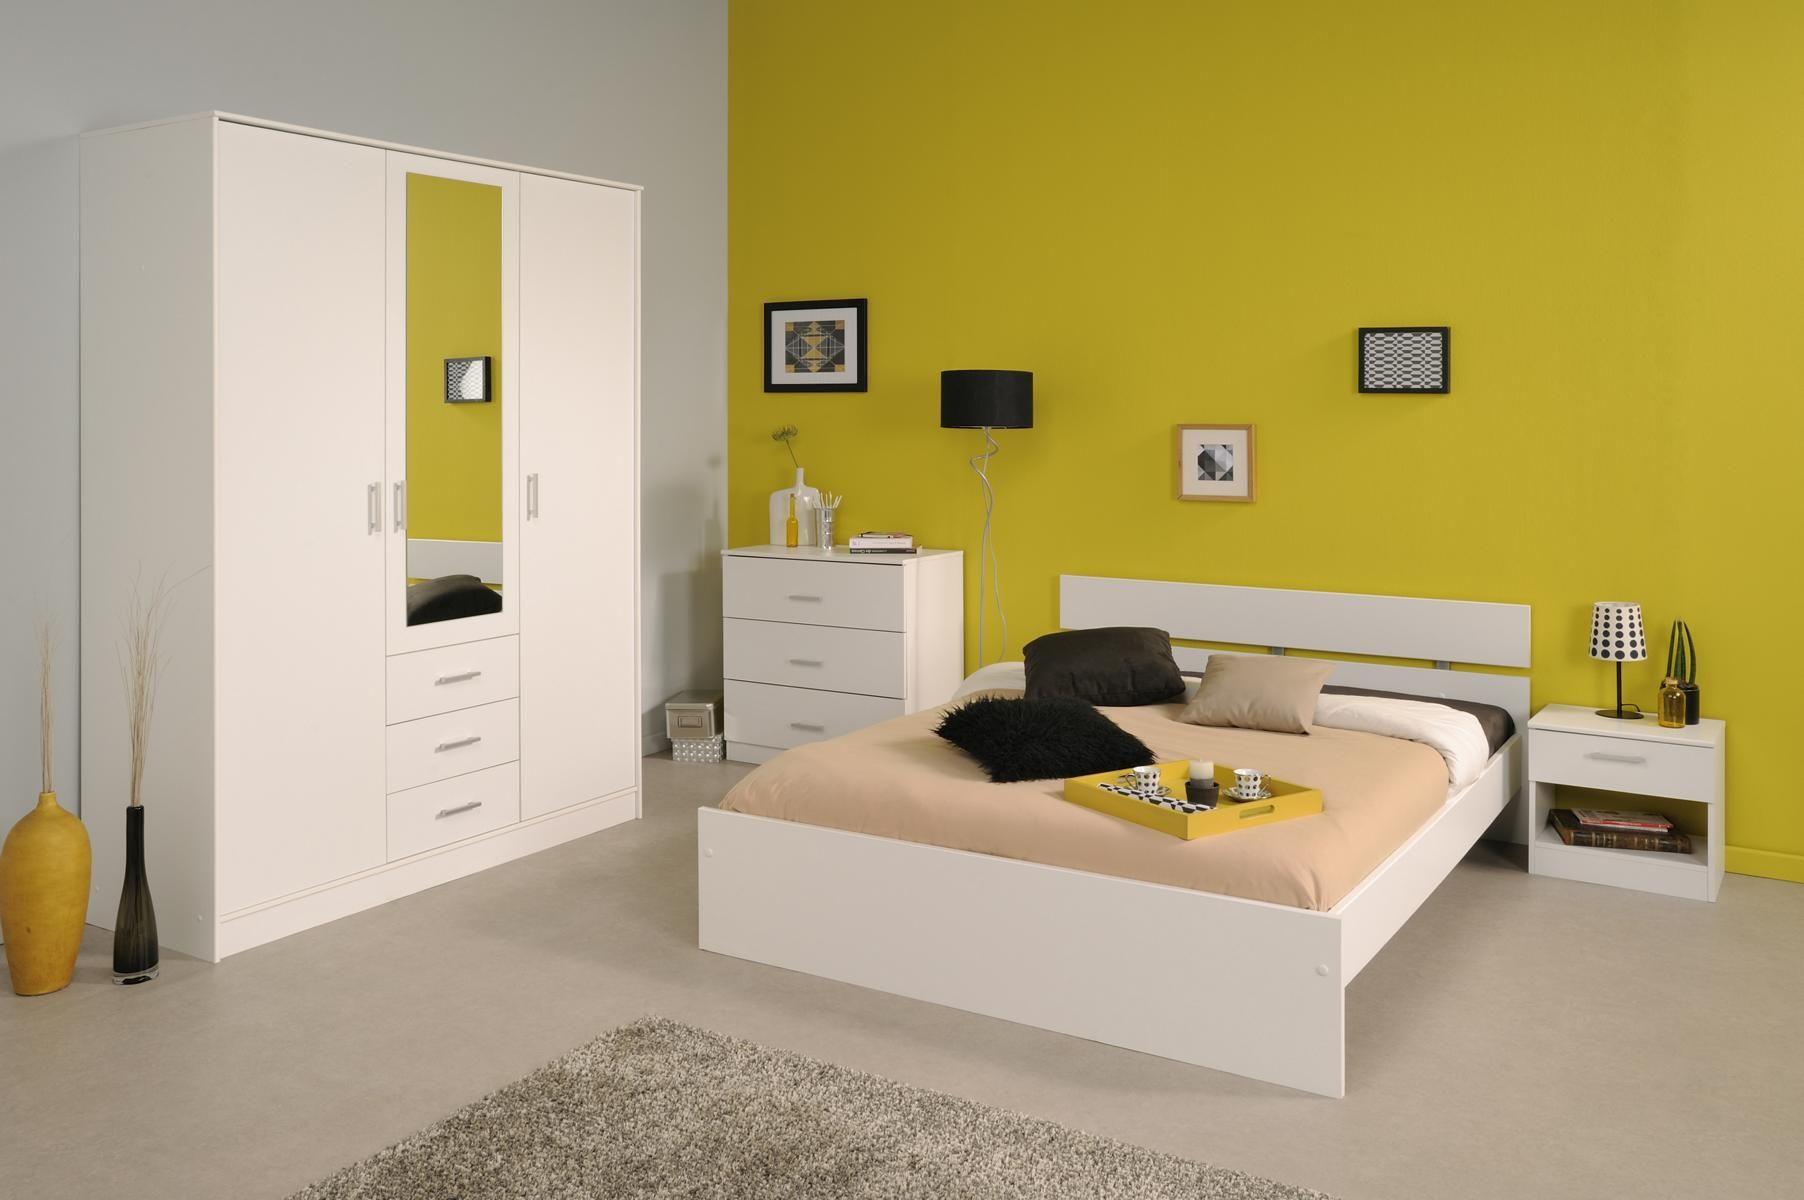 Schlafzimmer Linus V mit 140er Bett Die Auswahl der Farbe ist bei diesem Schlafzimmer - Programm reine Geschmackssache. Beide Farben, Kaffee oder Weiß, können sich problemlos jeder kreativen...